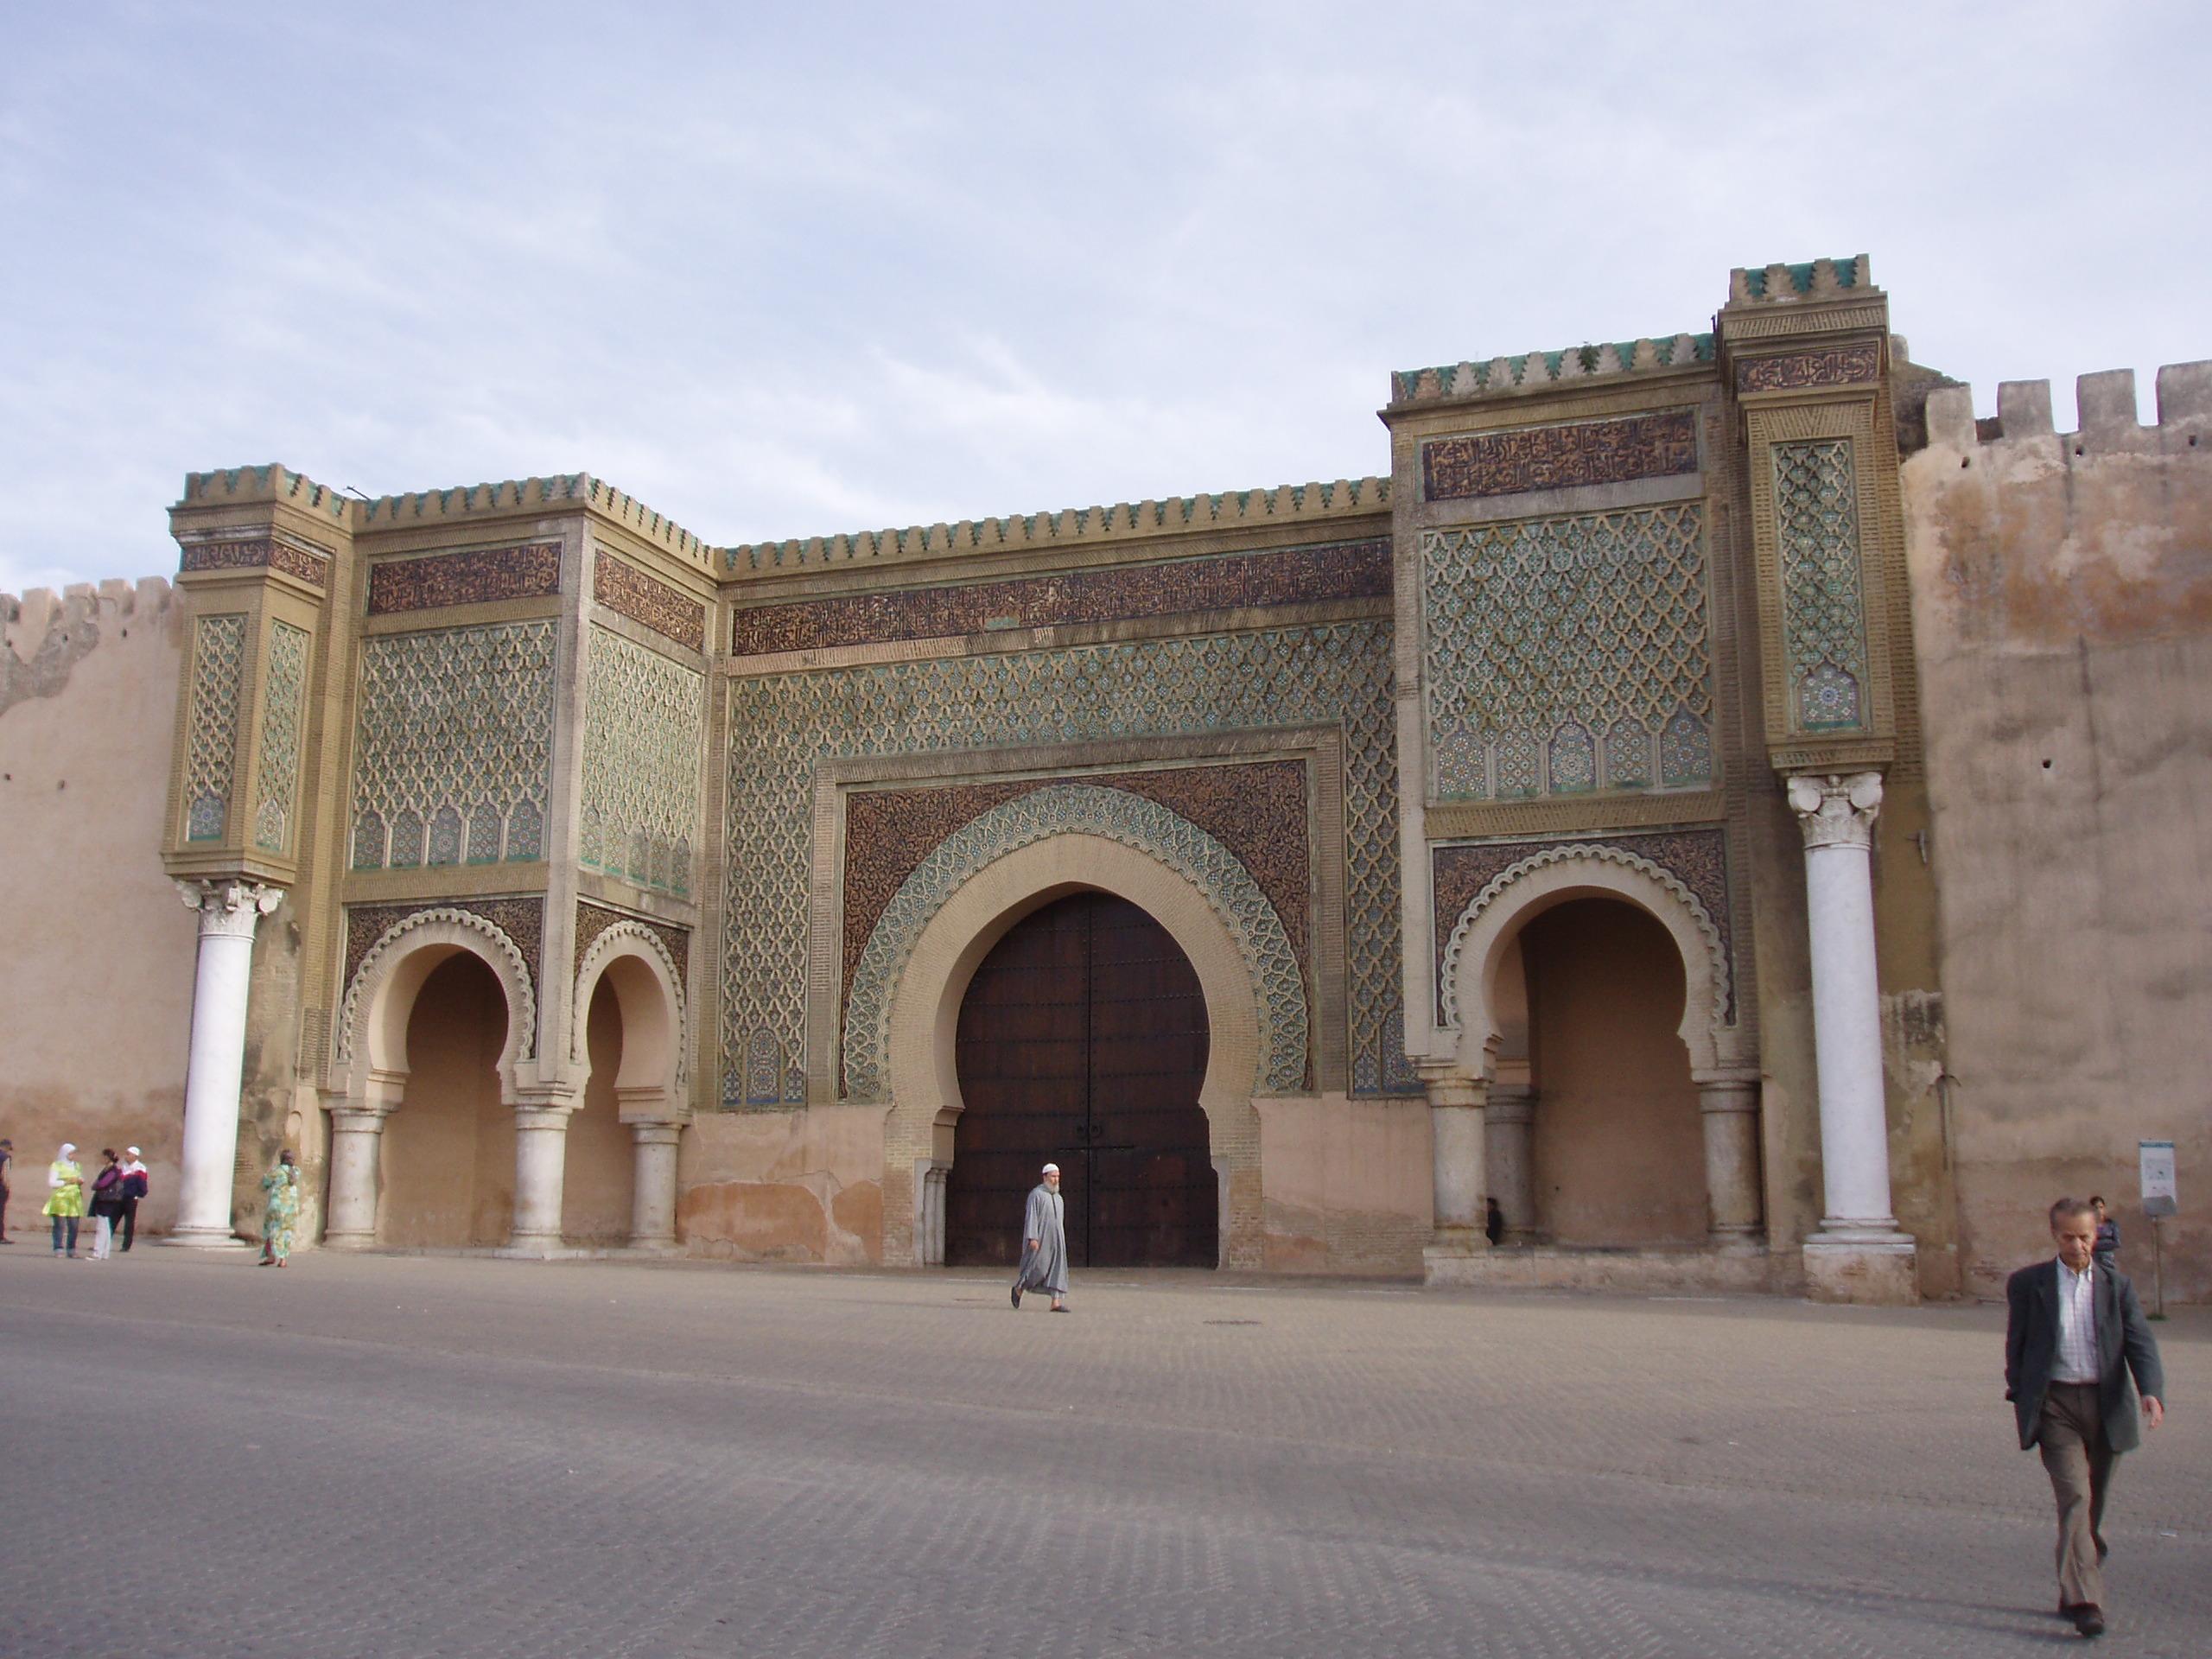 Meknes_bab_mansour